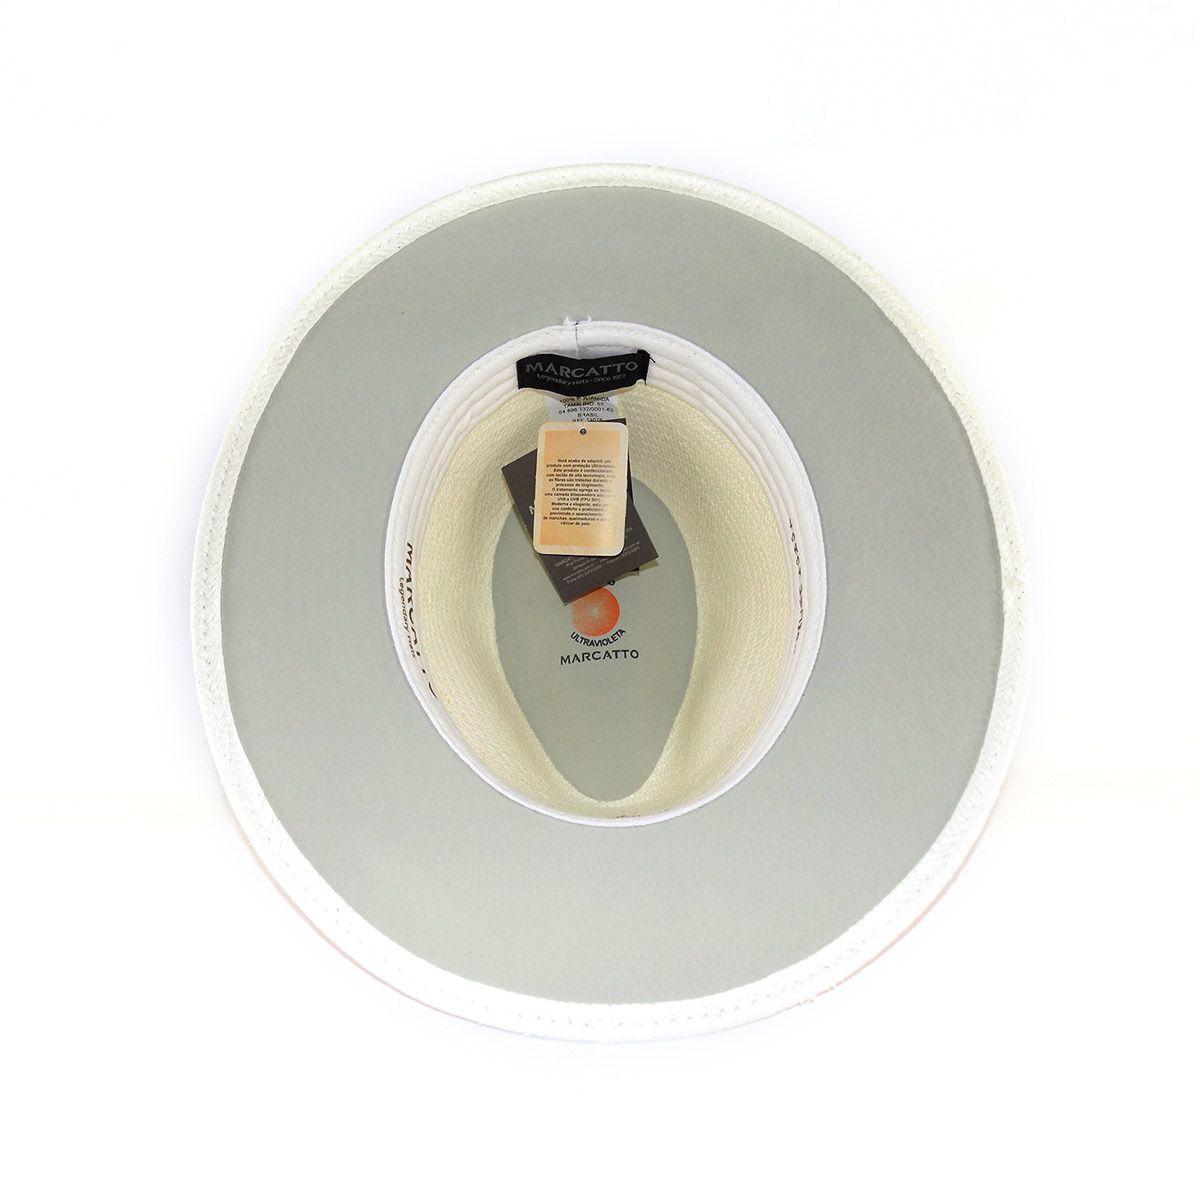 Chapéu Marcatto Panamá Original com Proteção UV (palha Toquilla)